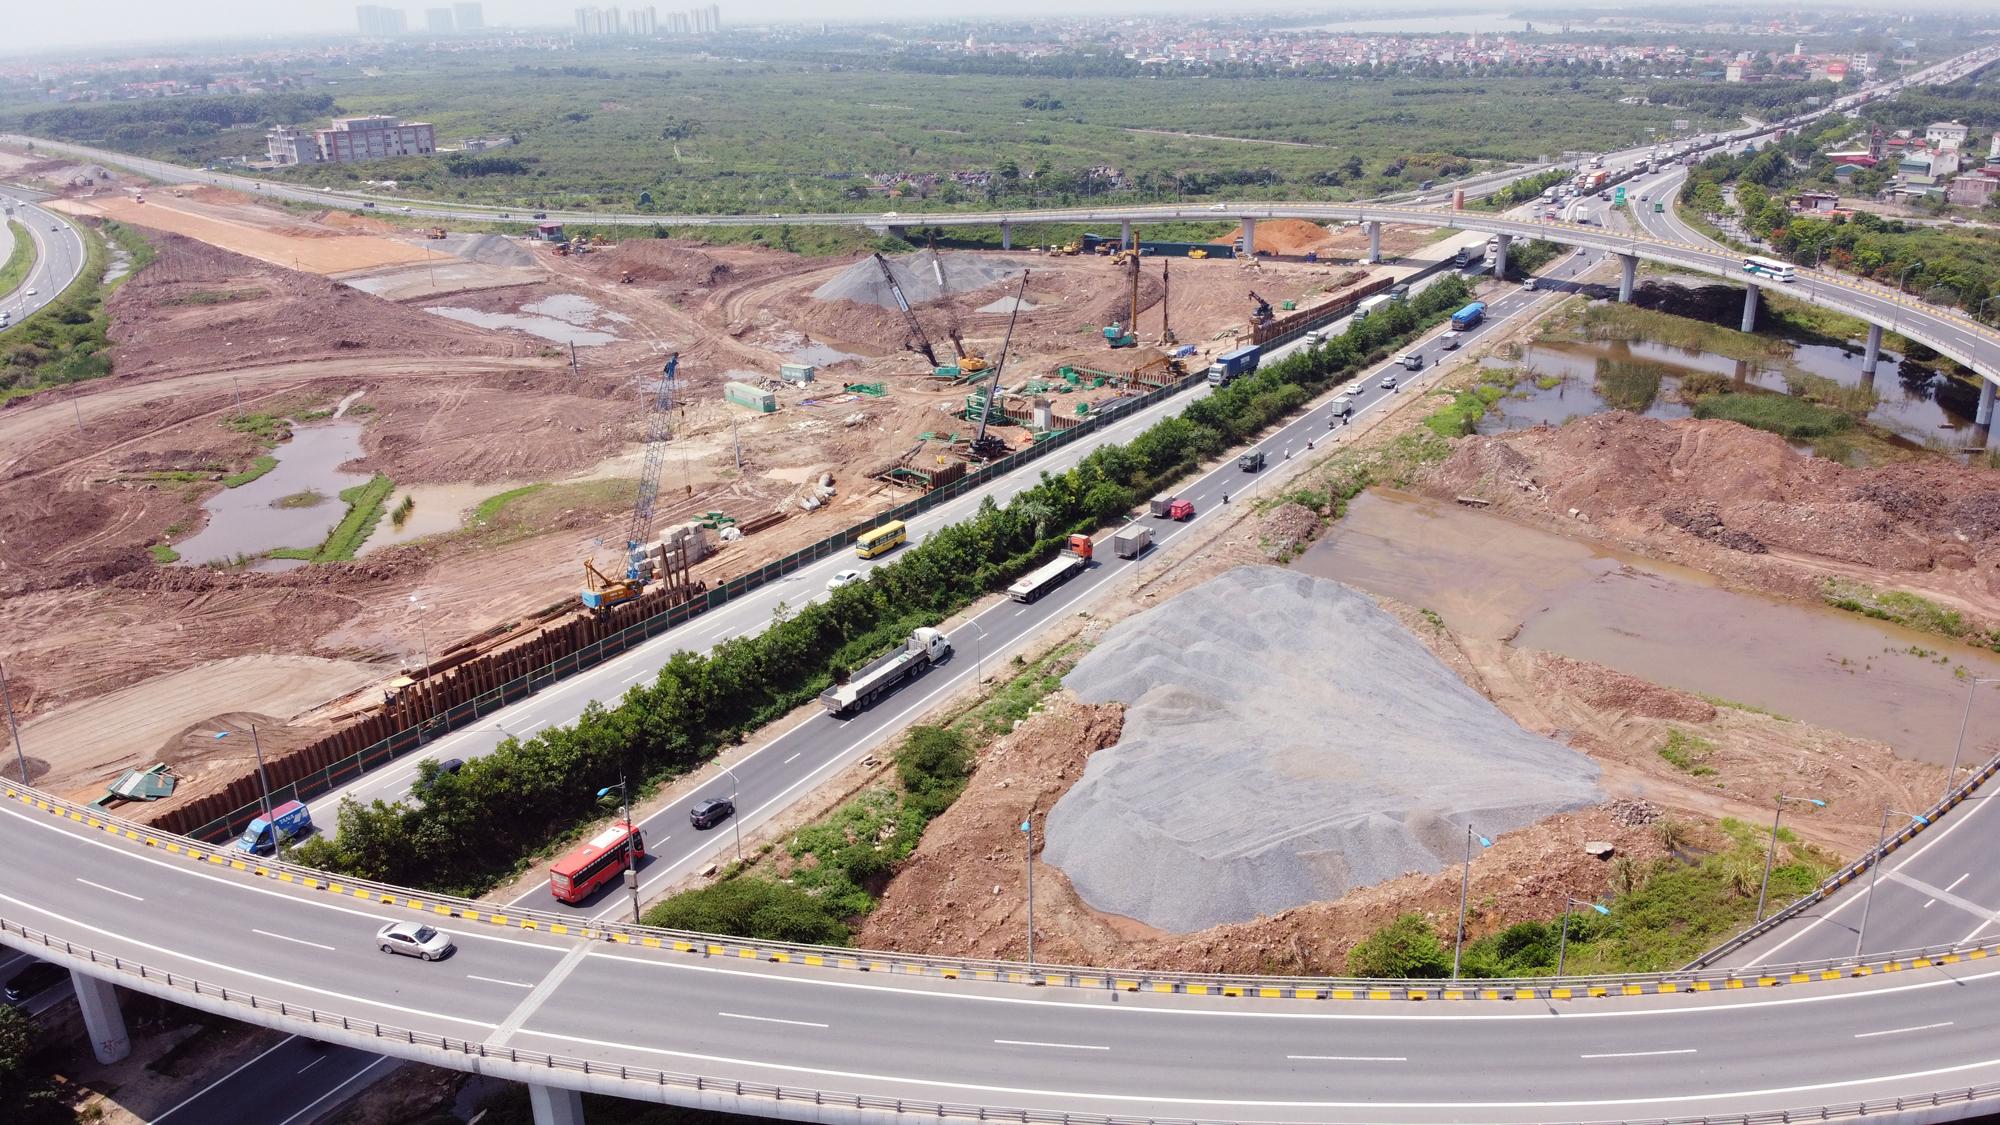 Toàn cảnh dự án xây dựng nút giao Vành đai 3 với cao tốc Hà Nội - Hải Phòng - Ảnh 1.